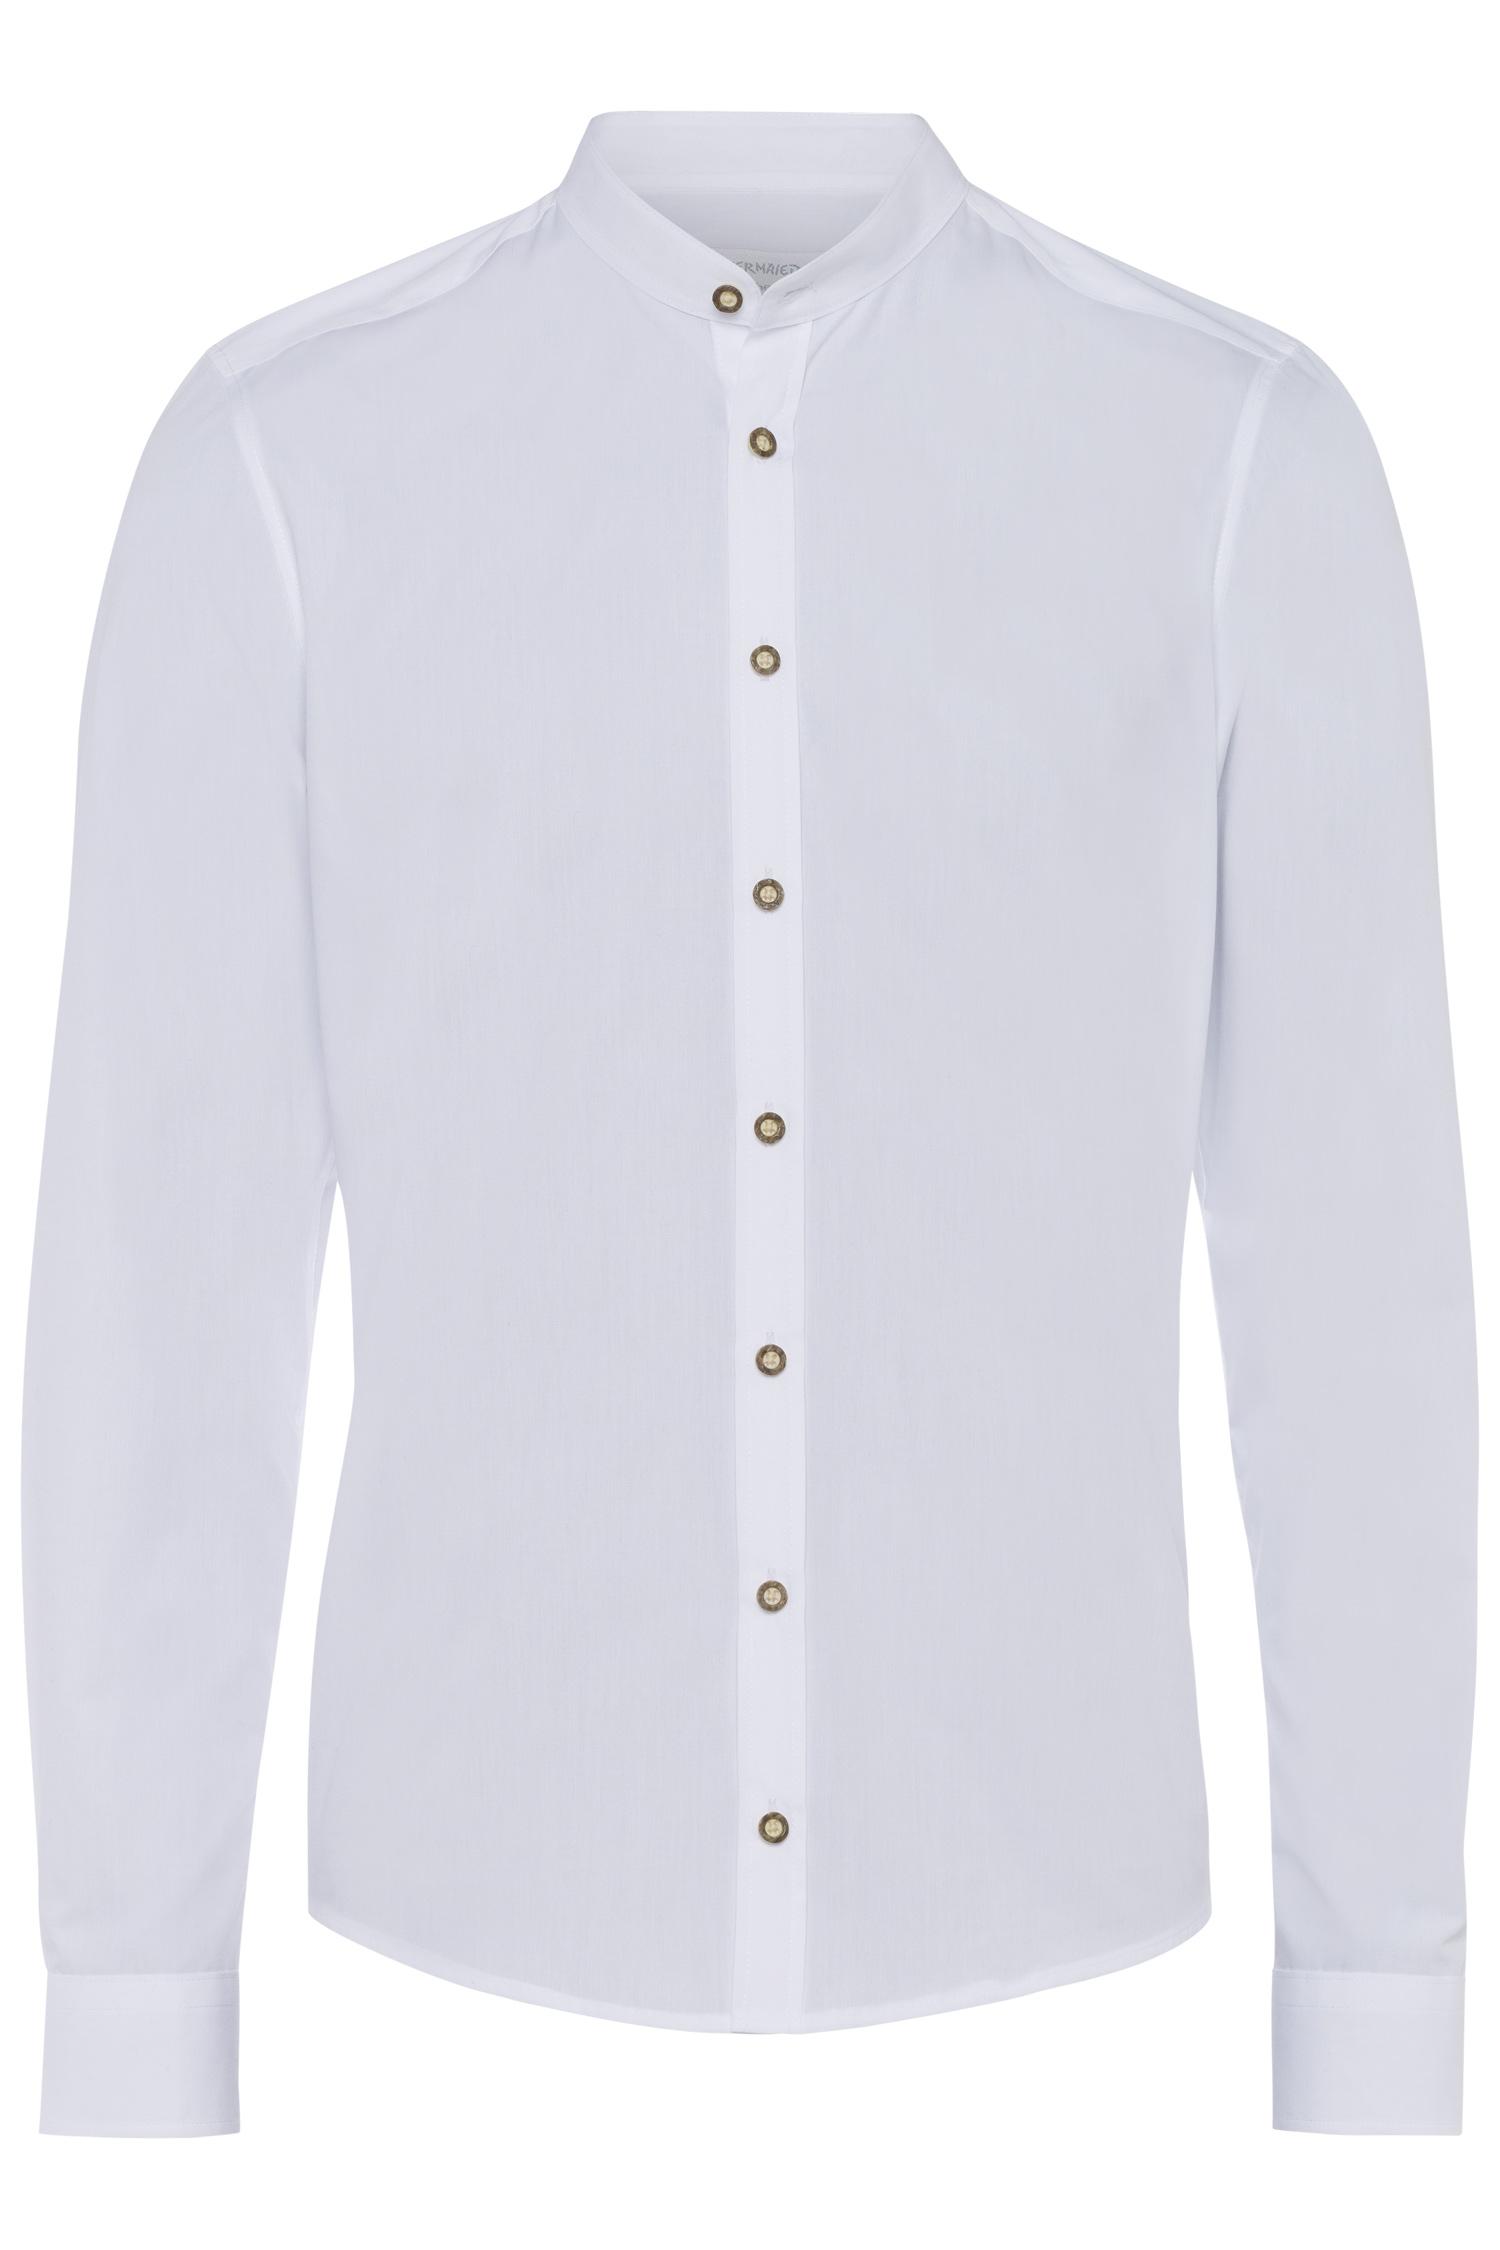 Trachtenhemd Stehkragen weiß M | 900 uni weiß